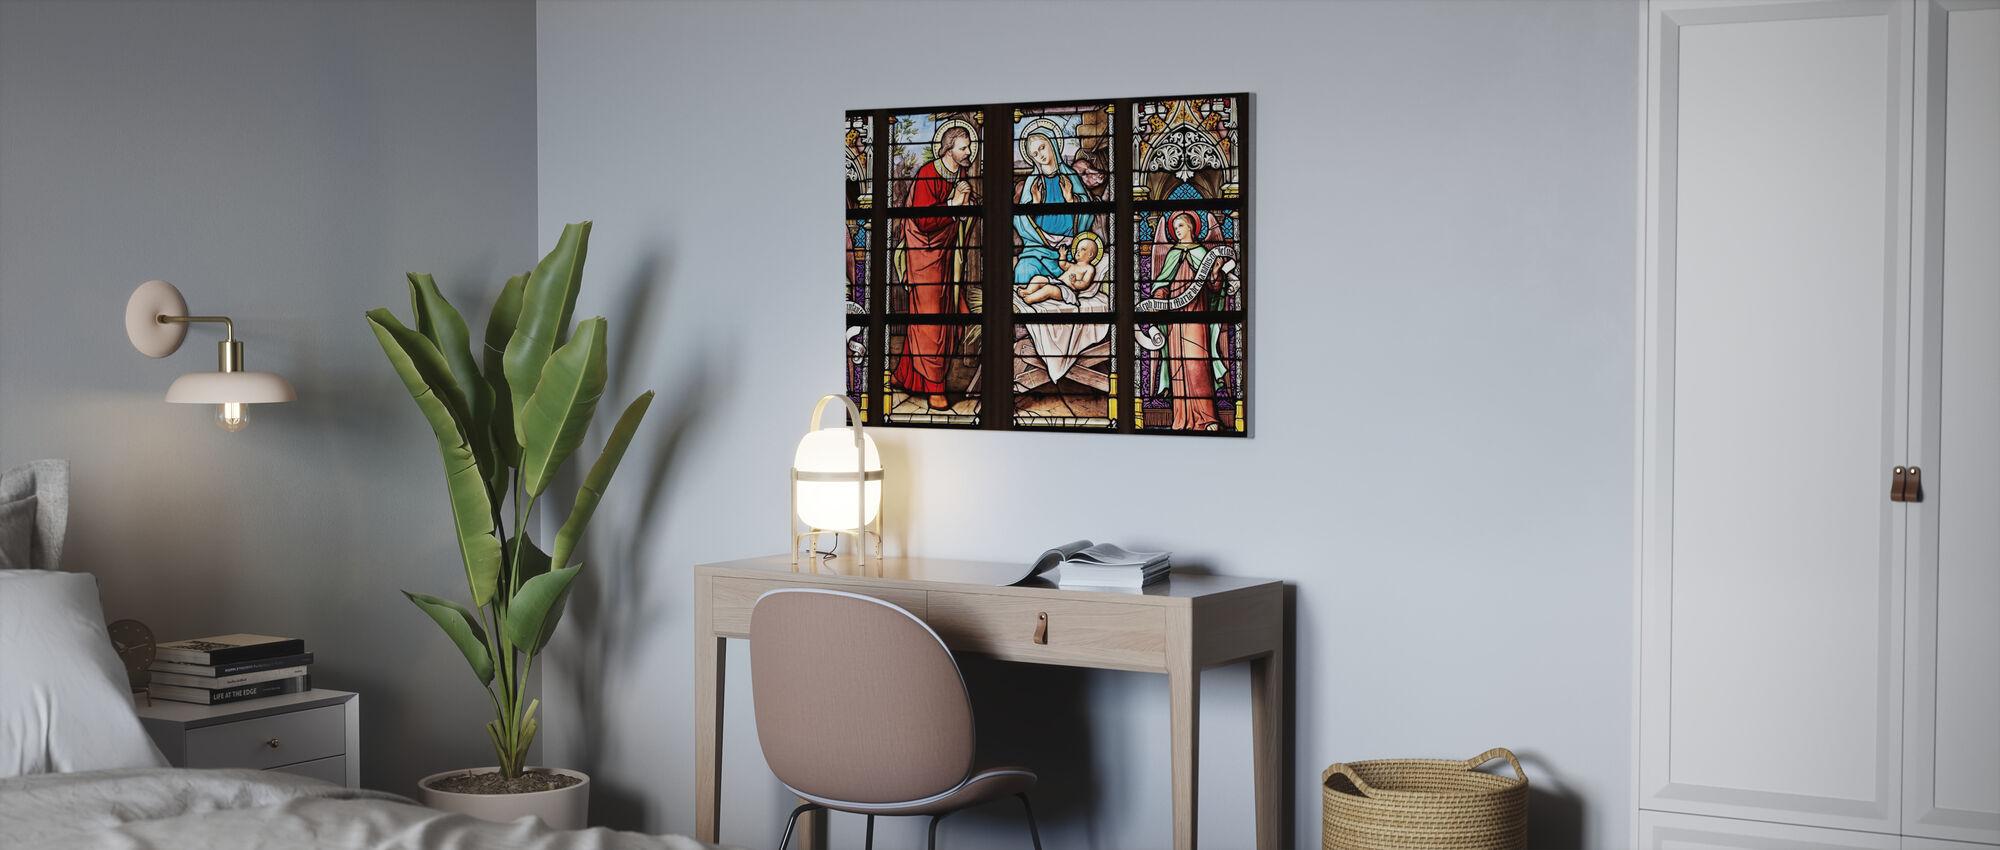 Kirkens vindu - Lerretsbilde - Kontor